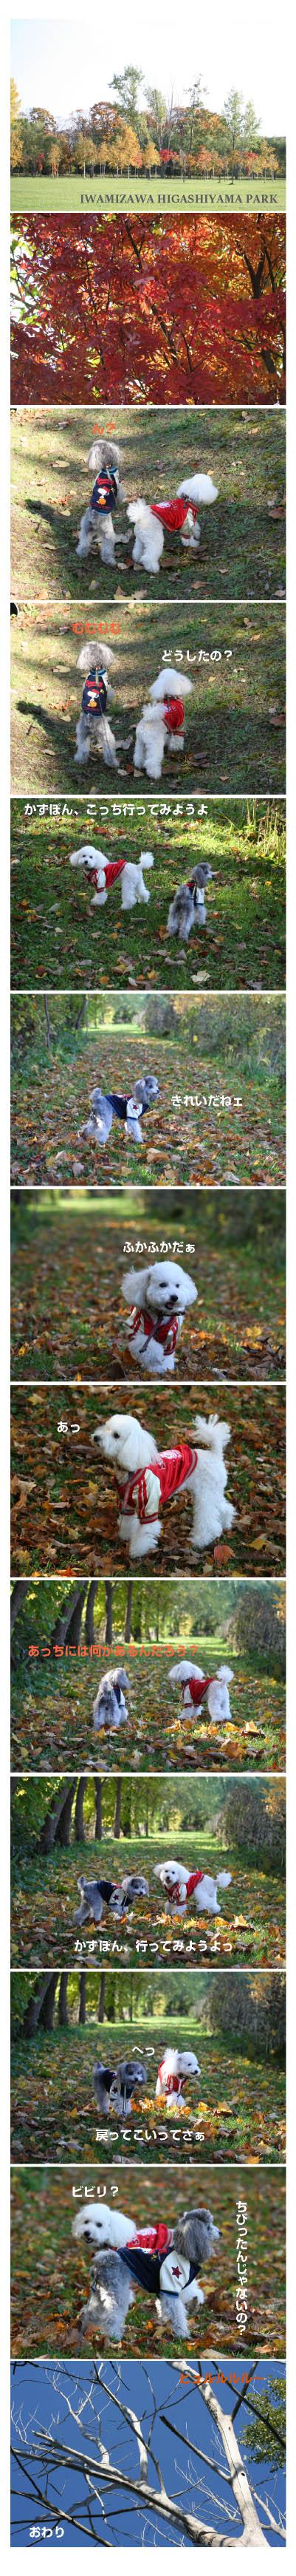 07.10.24higashiyamapark2_20071026195649.jpg